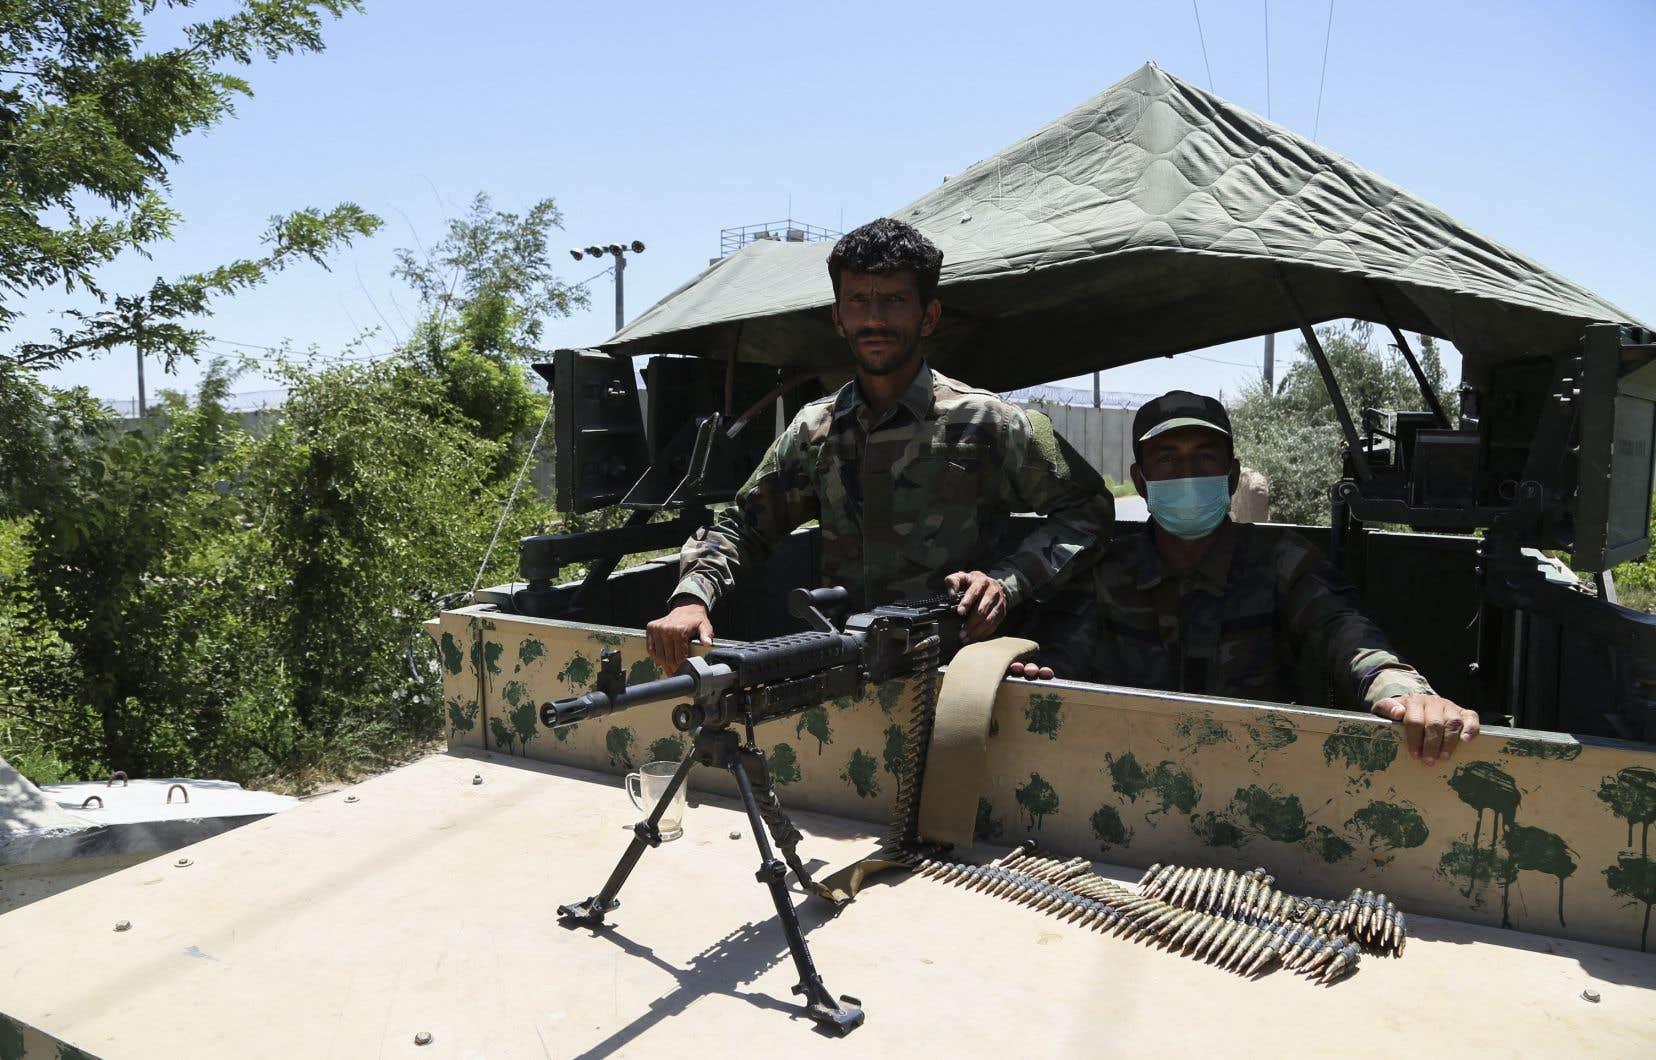 Le pays traverse «l'une des étapes les plus compliquées de la transition», alors que le départ des troupes étrangères touche bientôt à sa fin et que les combats font rage, a affirmé jeudi le président afghan, Ashraf Ghani.